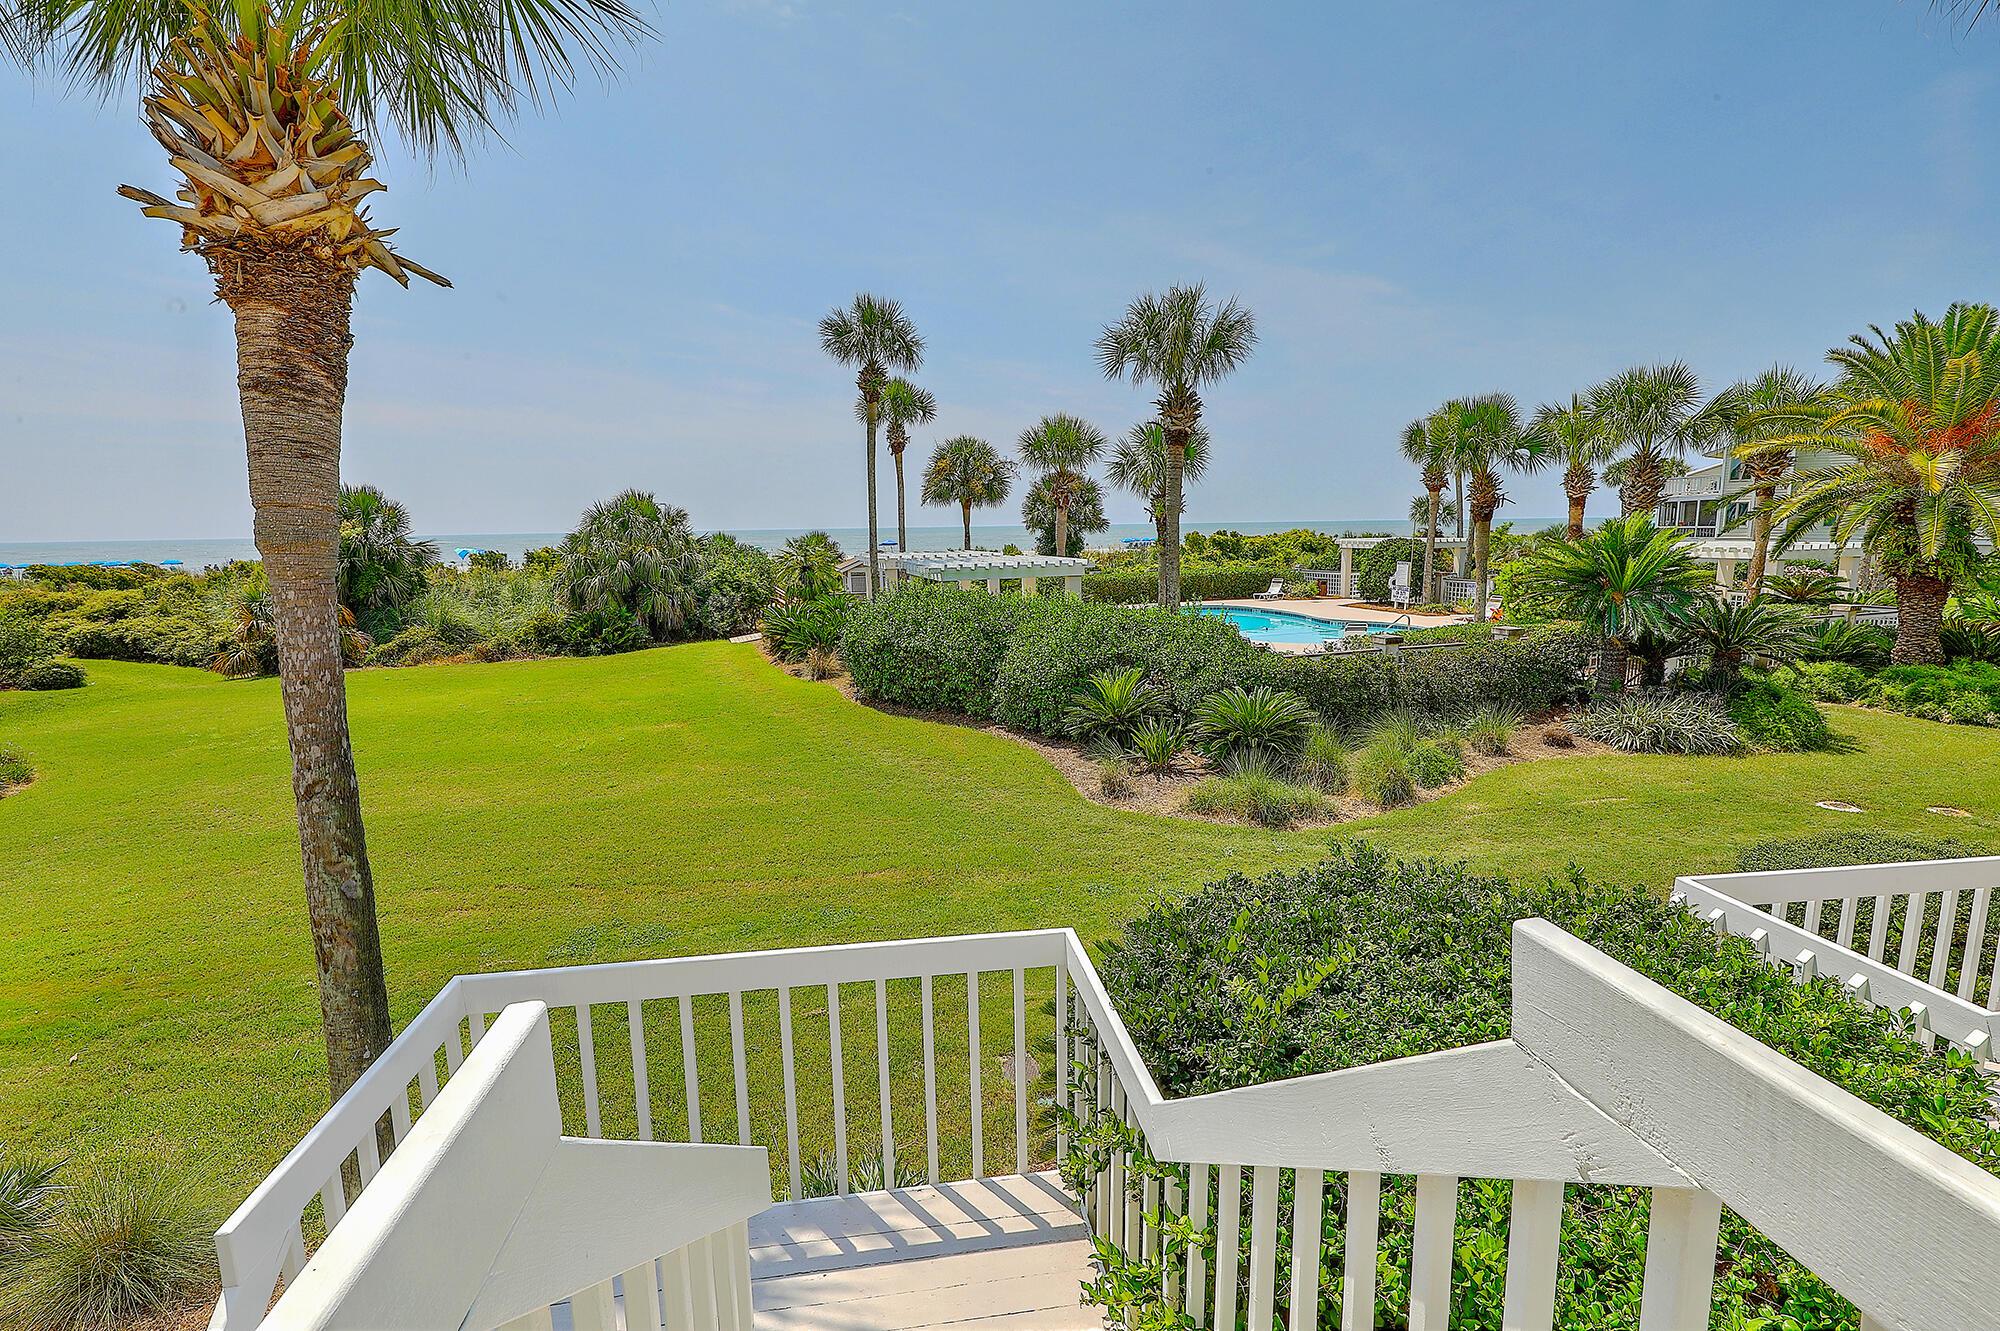 Beach Club Villas Homes For Sale - 15 Beach Club Villas, Isle of Palms, SC - 38